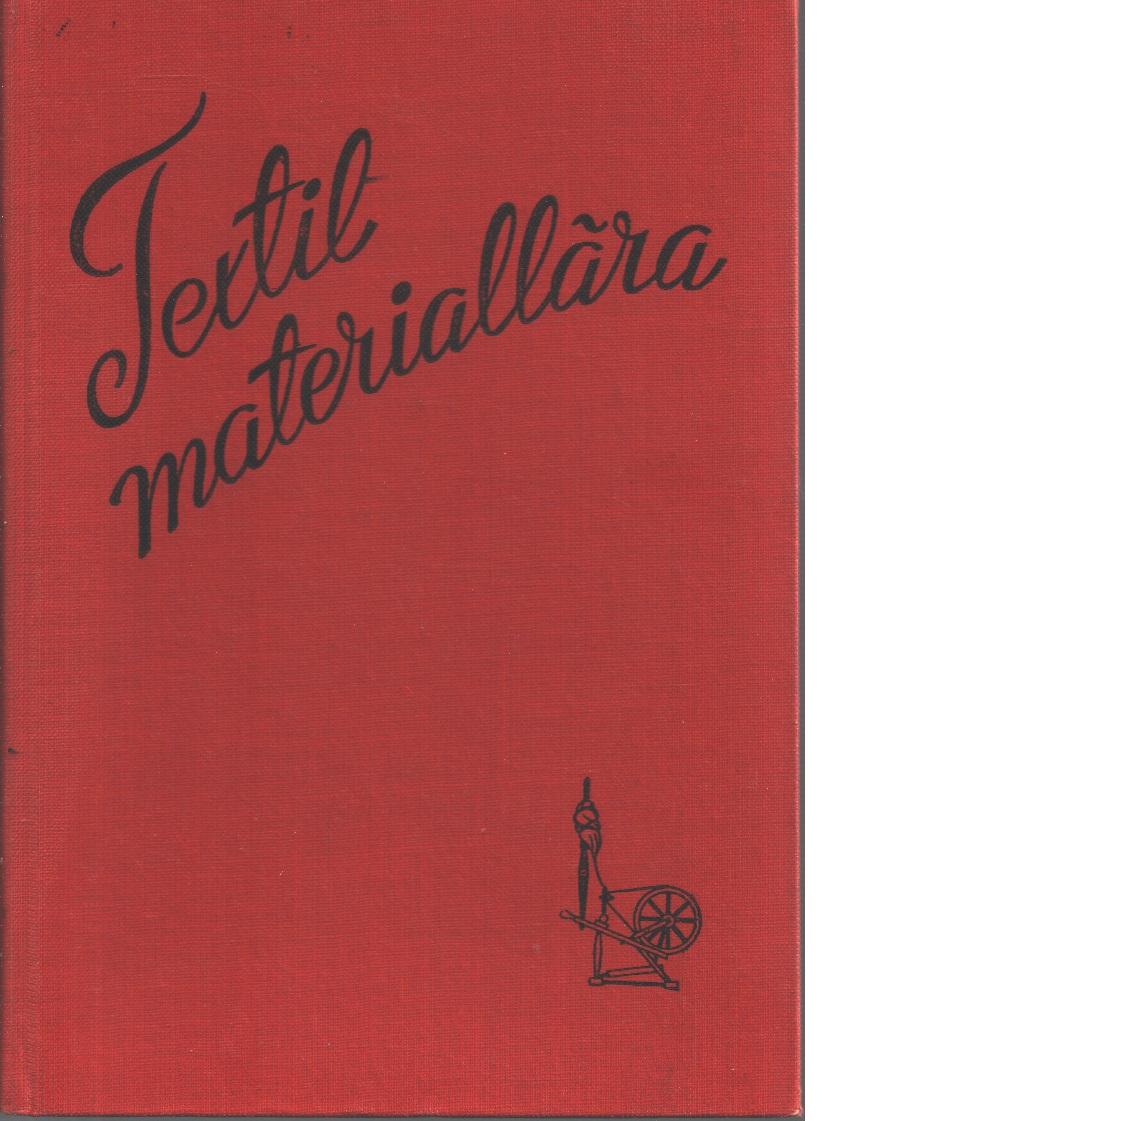 Textil materiallära - Wiklund, Signild och Diurson, Vera